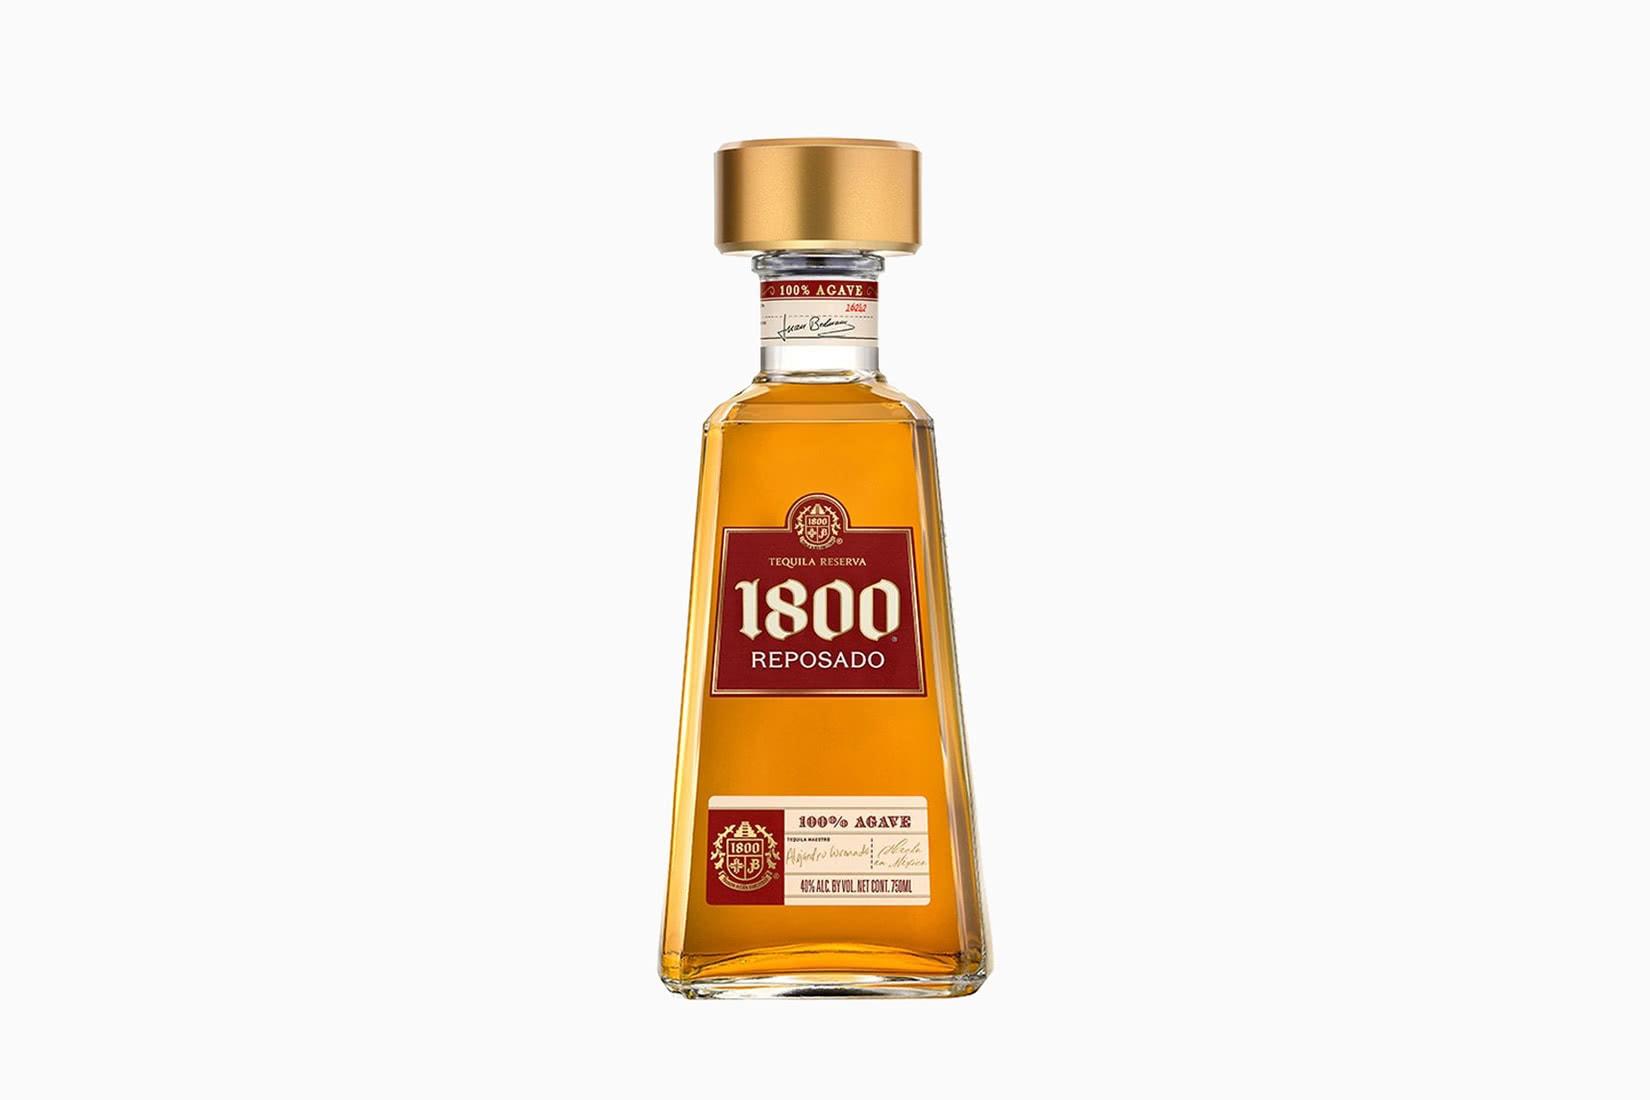 1800 tequila reposado botella precio tamaño - Luxe Digital